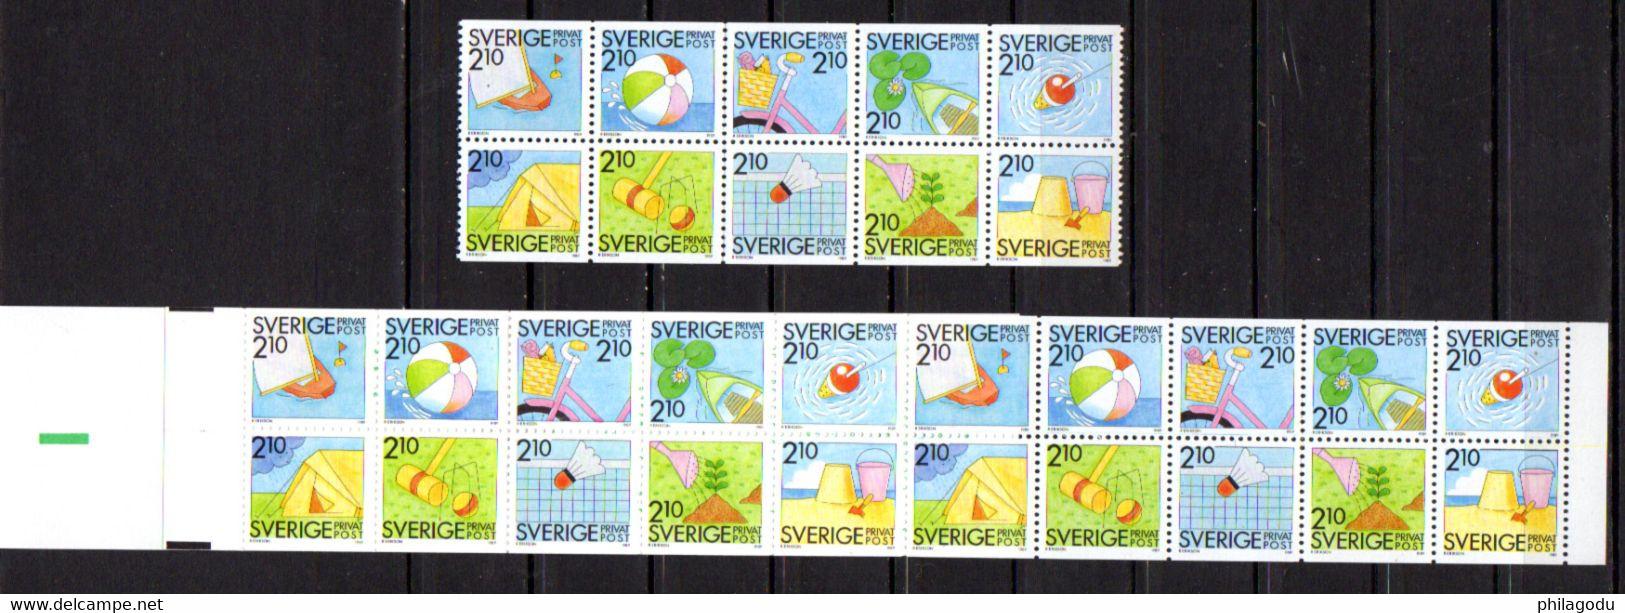 Suède1989, Summer Holiday On The Beach, Les Plaisirs D'été, 1524 / 1533** + C 1524**, ( Sek 63,-) - Ongebruikt